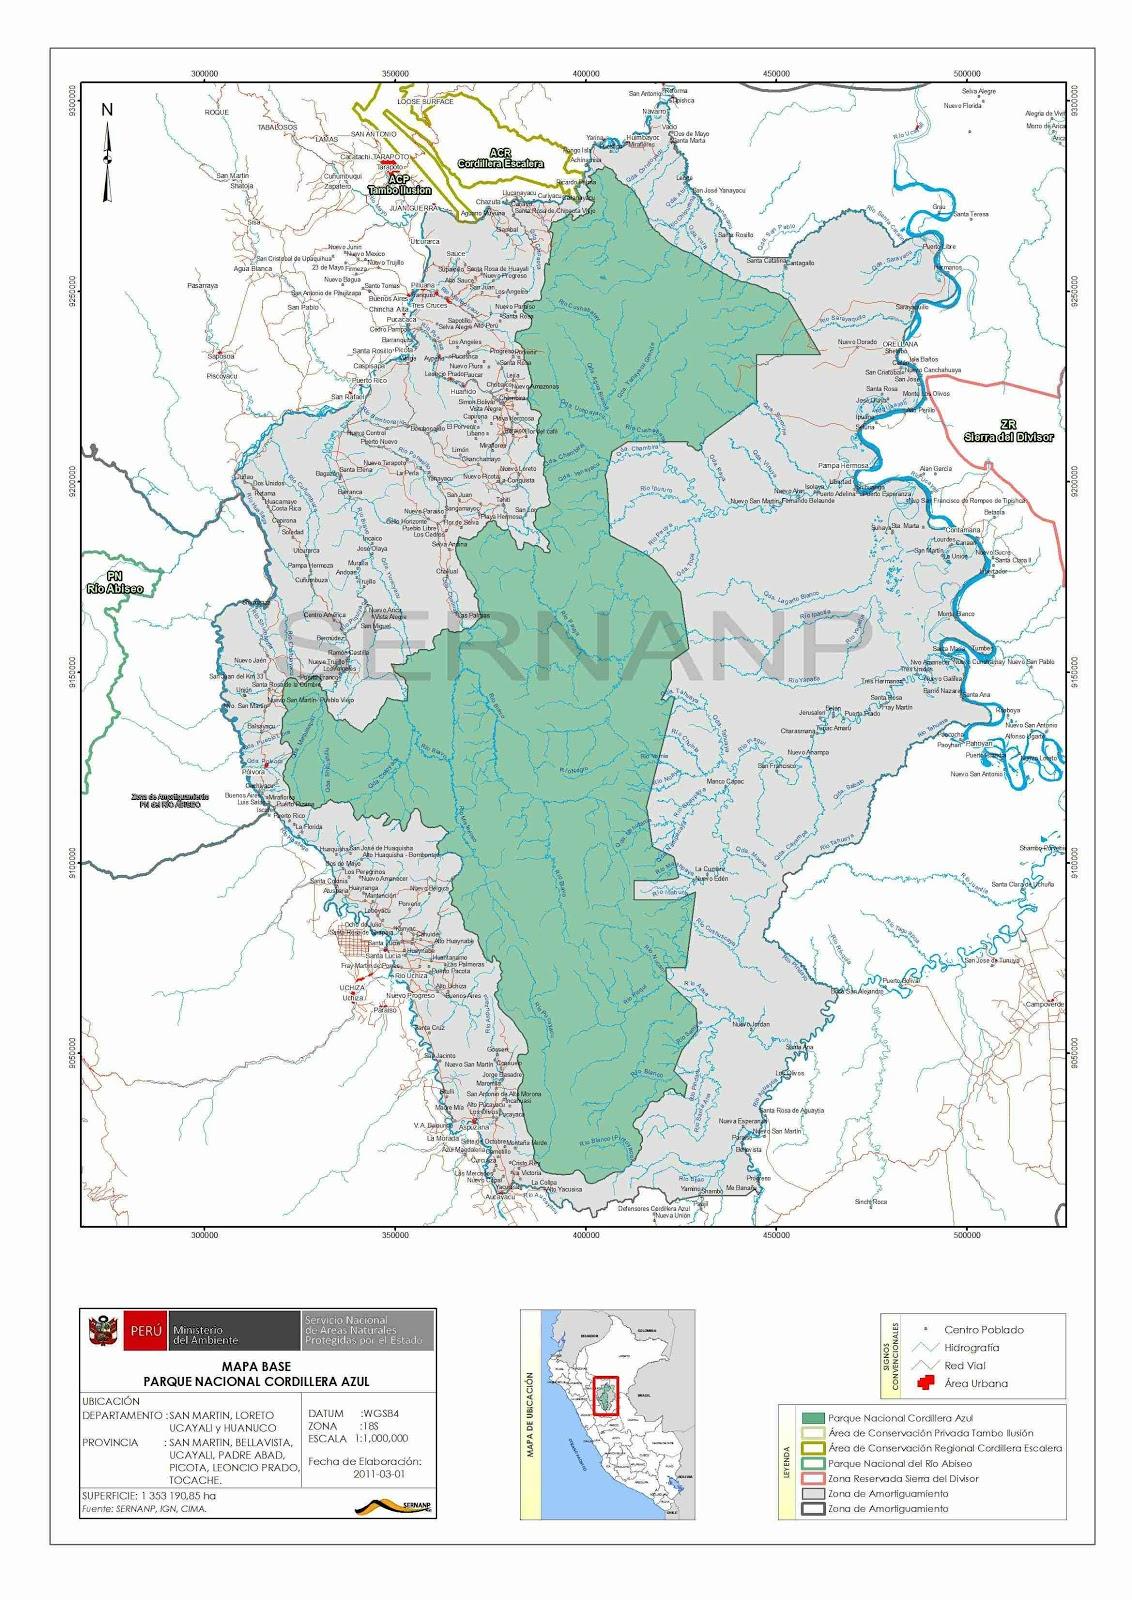 cartografia digital de peru 1  100000  parque nacional